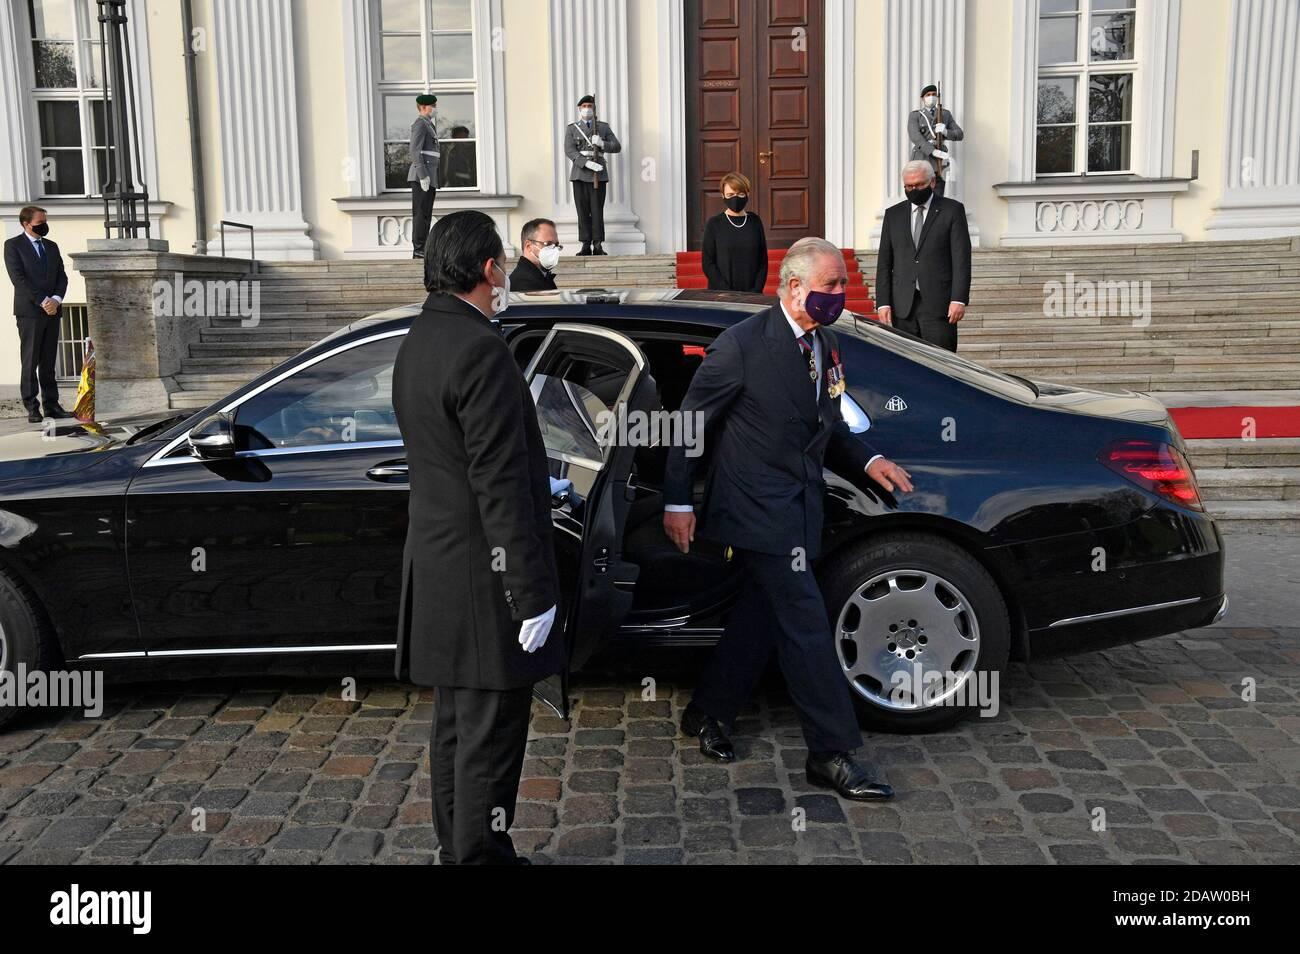 Berlin, Allemagne. 15 novembre 2020. Charles, Prince de Galles, à la réception du Président fédéral de l'Allemagne au Palais Bellevue le 15 novembre 2020 à Berlin, Allemagne crédit: Geisler-Fotopress GmbH/Alay Live News Banque D'Images